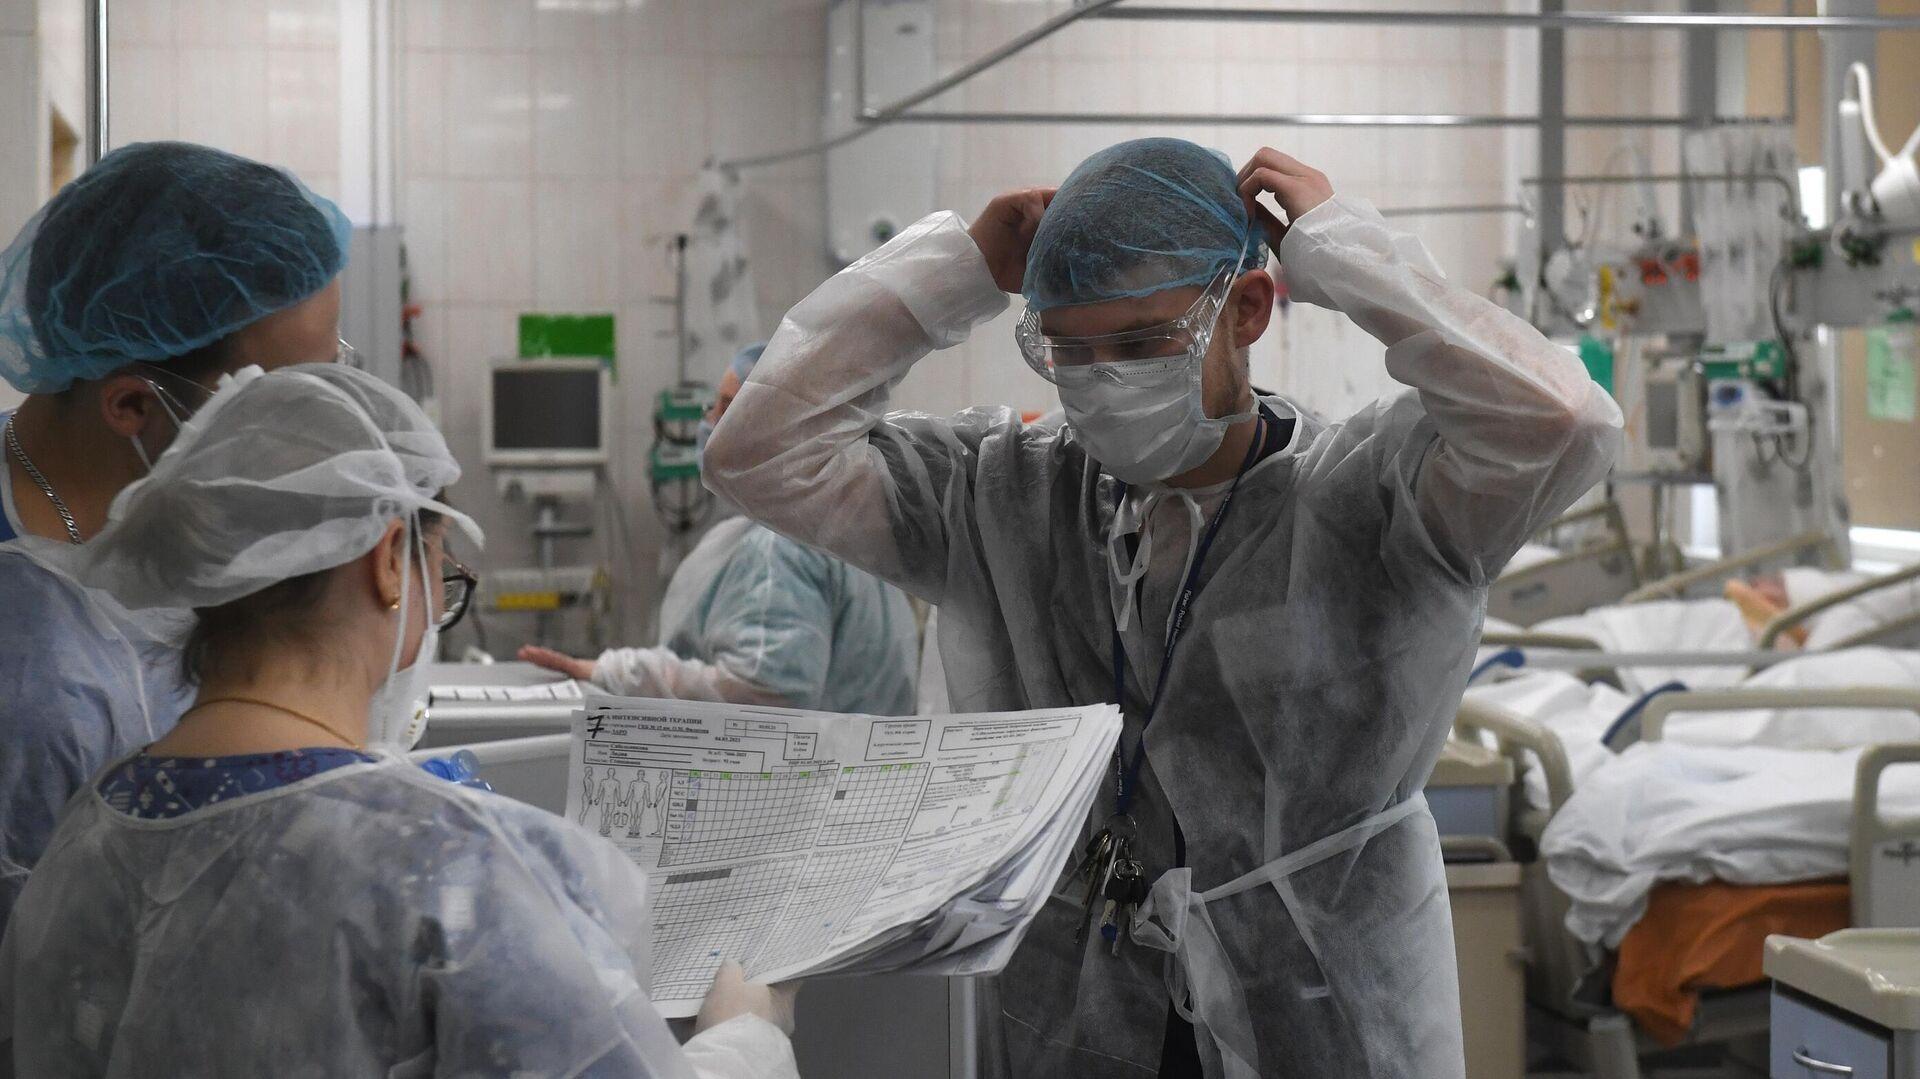 Медицинские работники и пациенты в отделении реанимации и интенсивной терапии  - РИА Новости, 1920, 12.06.2021